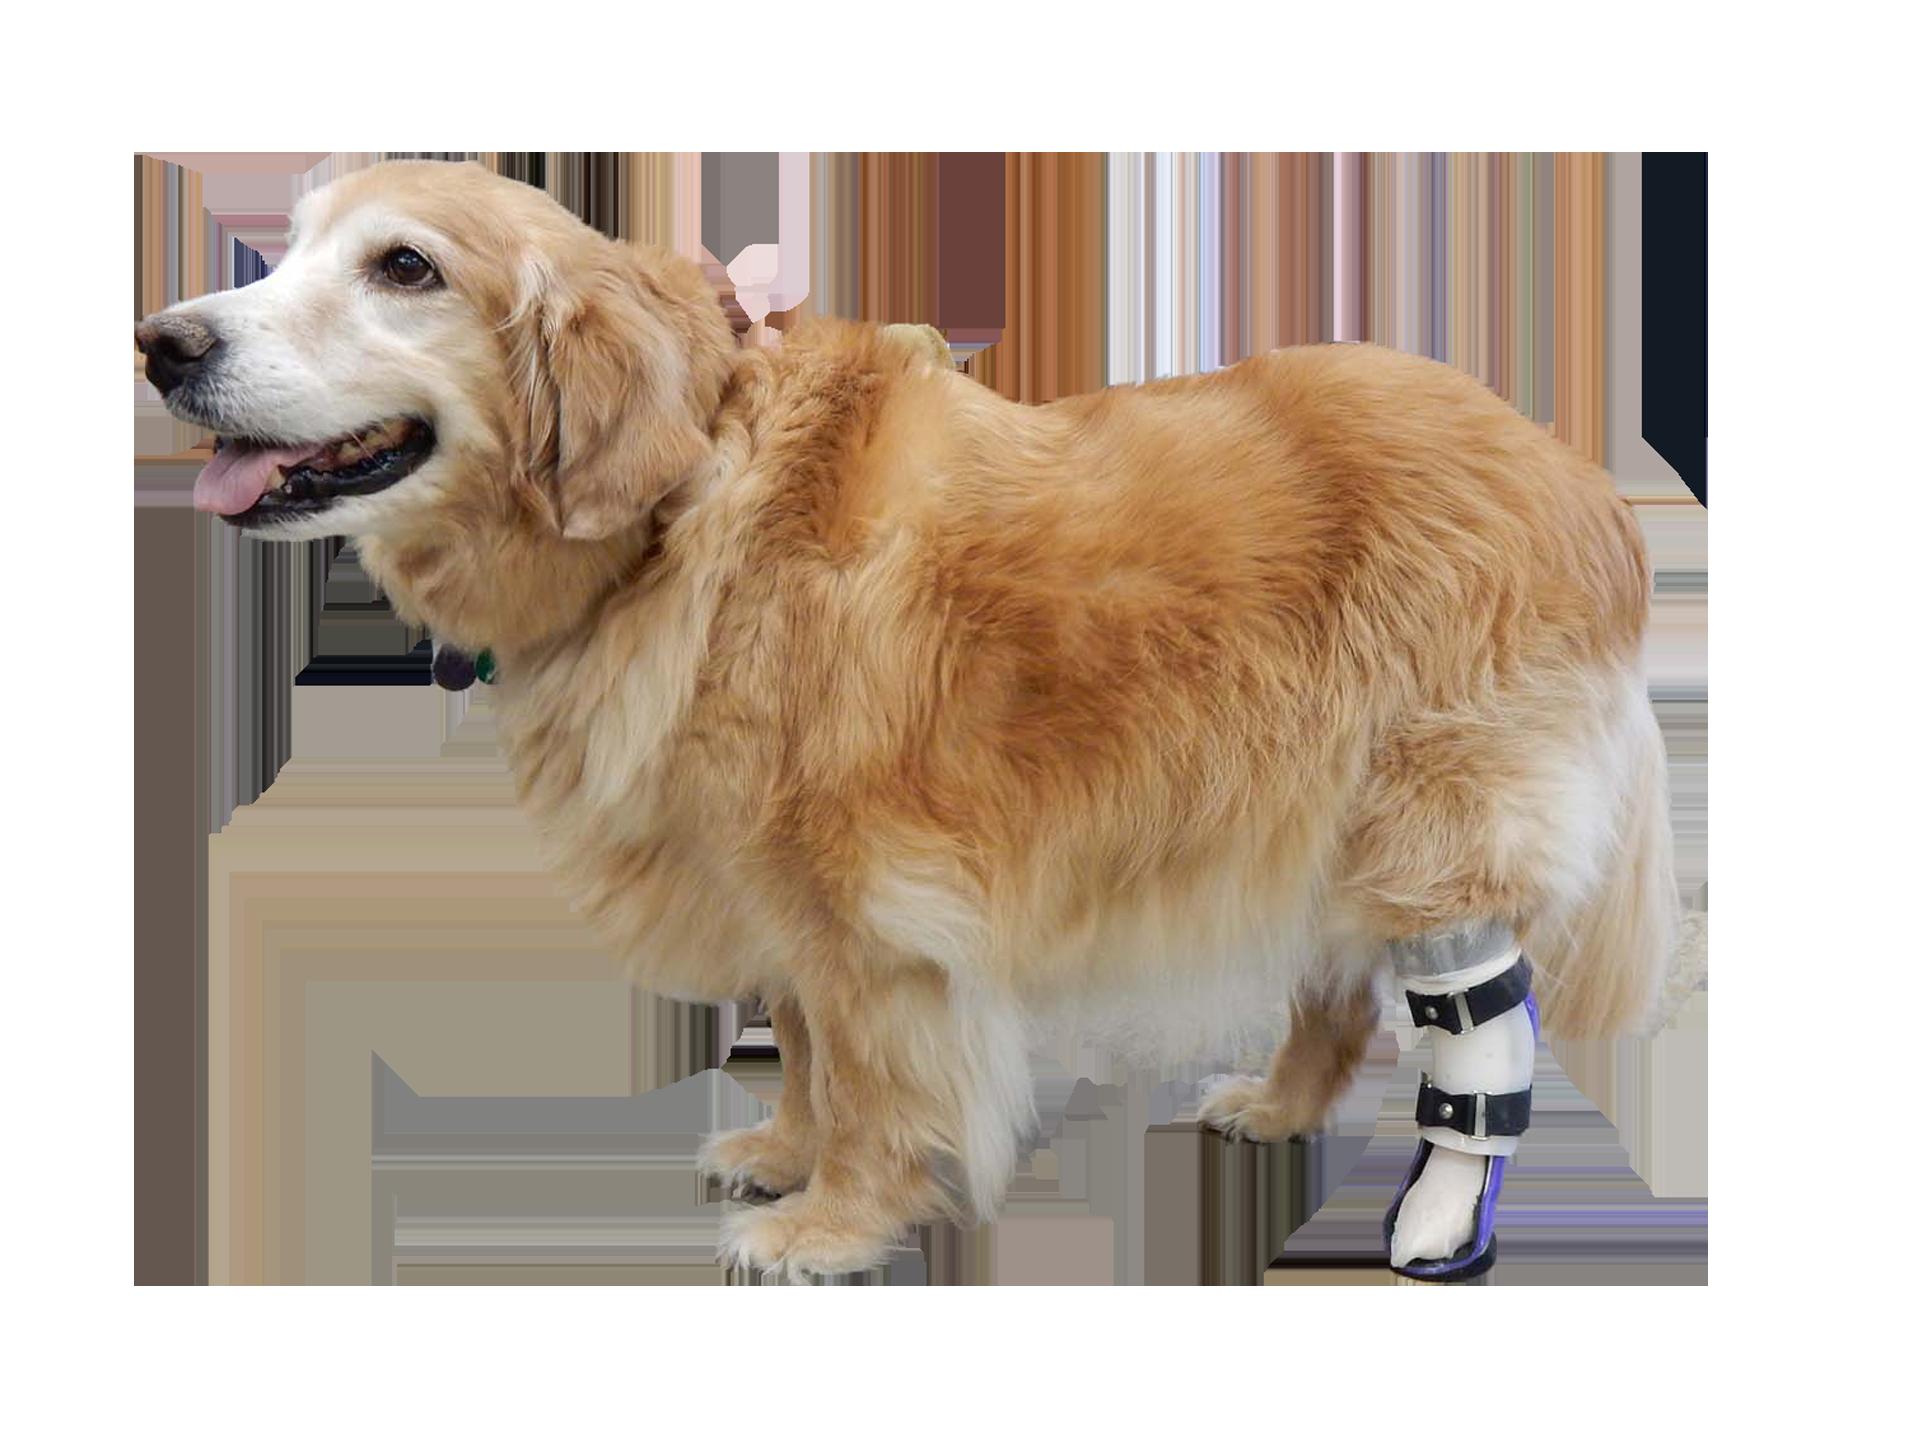 Hock Braces for Rear Legs 3